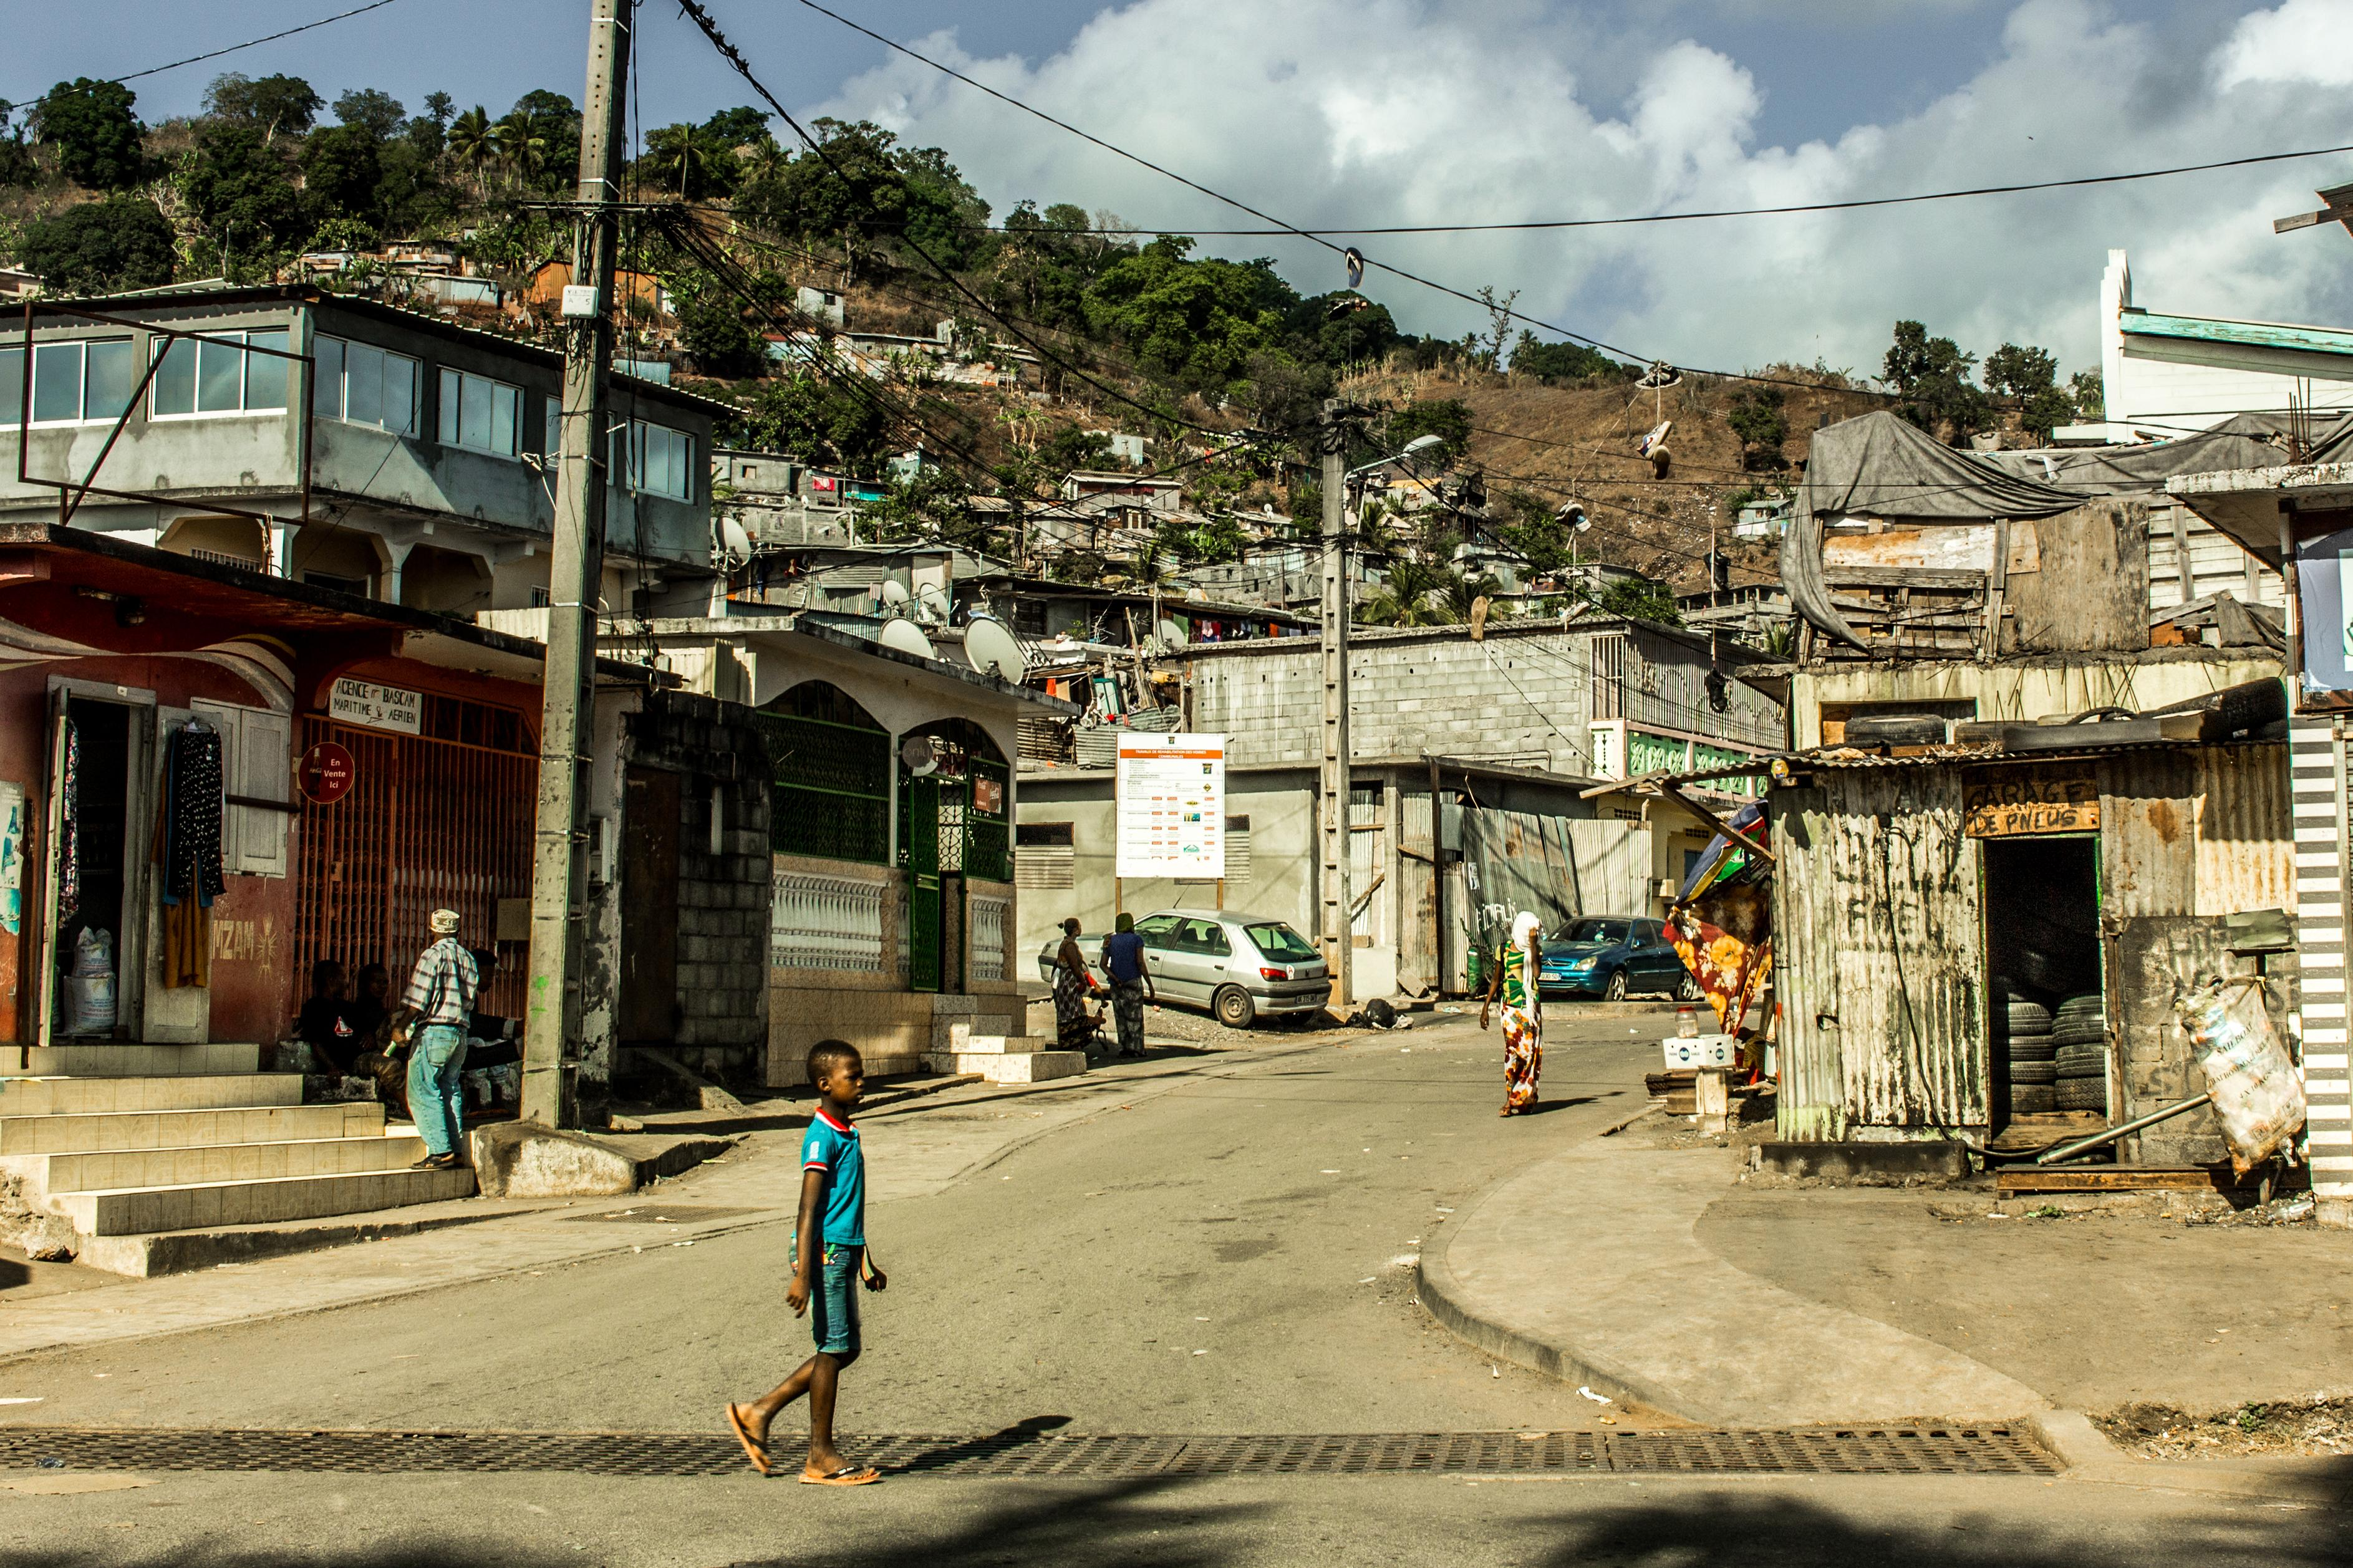 Après une nuit d'émeutes à Mayotte, le député Mansour Kamardine demande une « énième fois » un renfort pour la sécurité de l'île